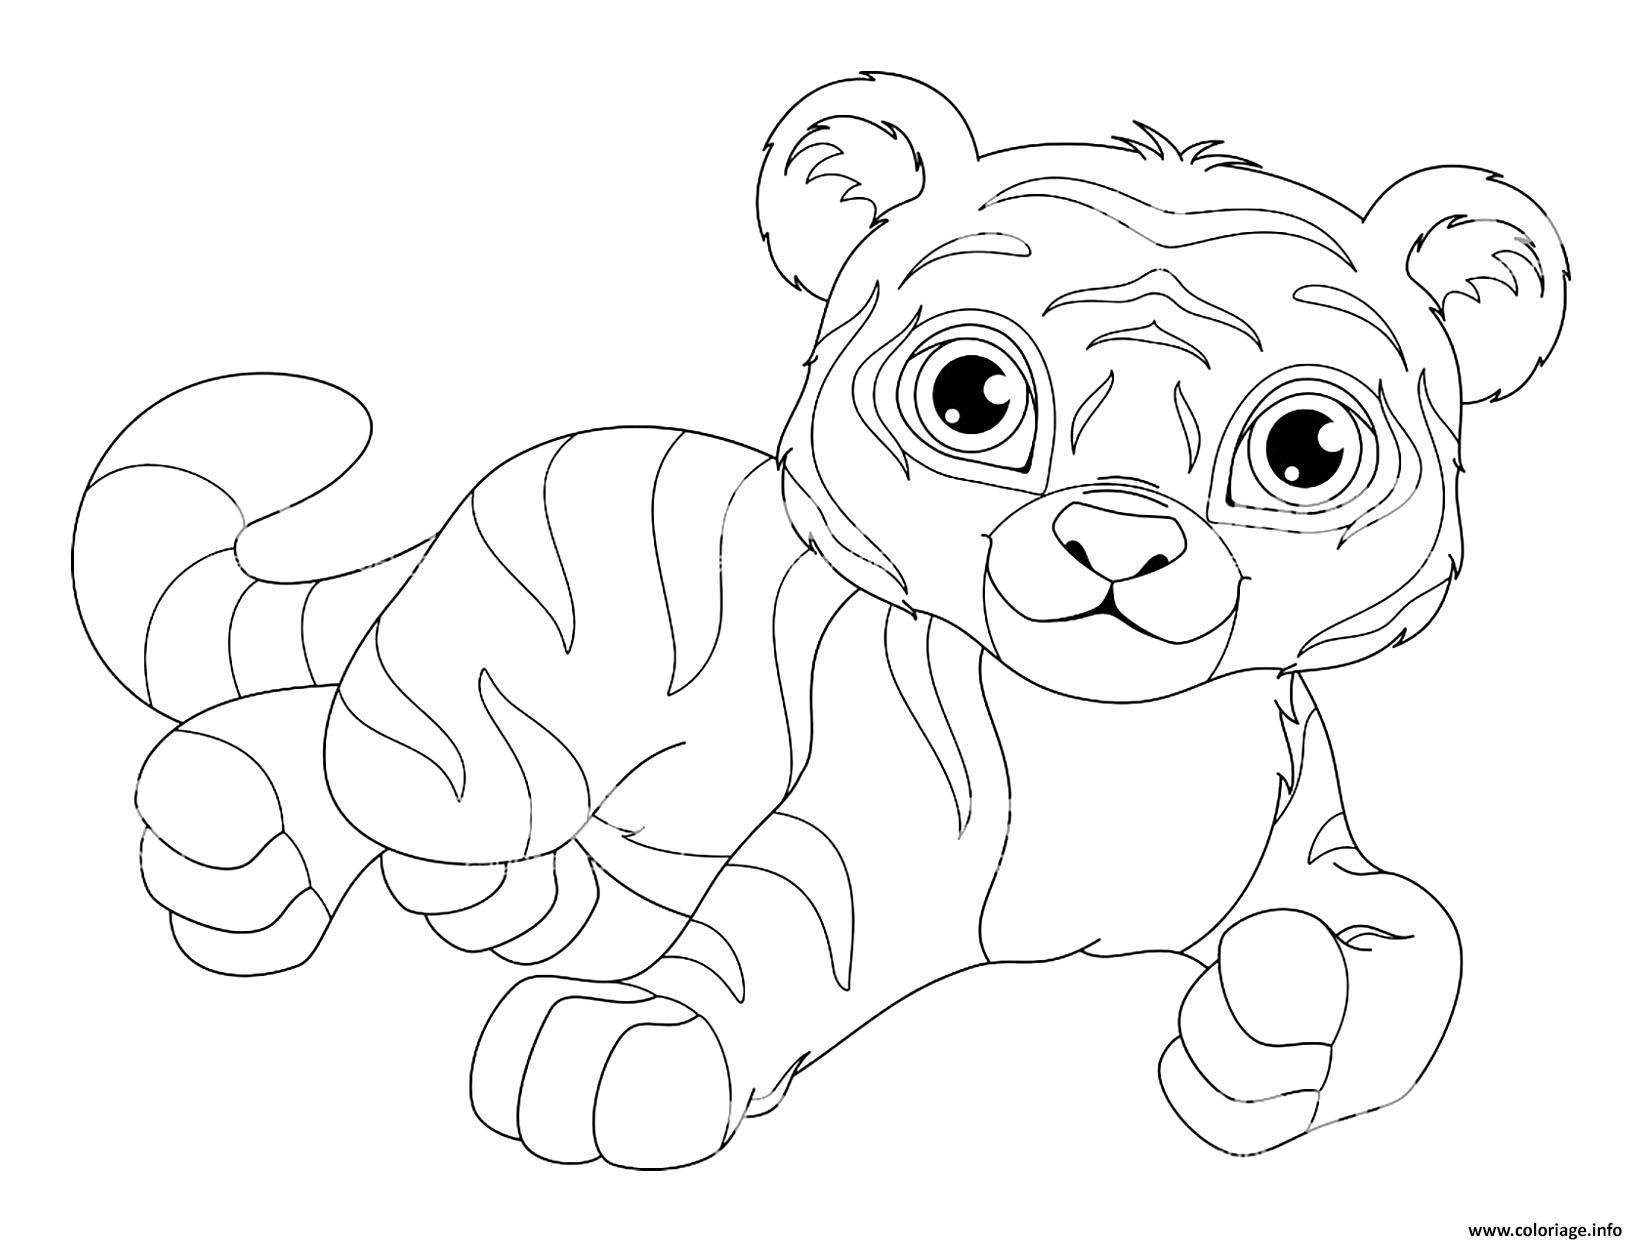 Dessin tigre kawaii mignon avec de superbe yeux Coloriage Gratuit à Imprimer